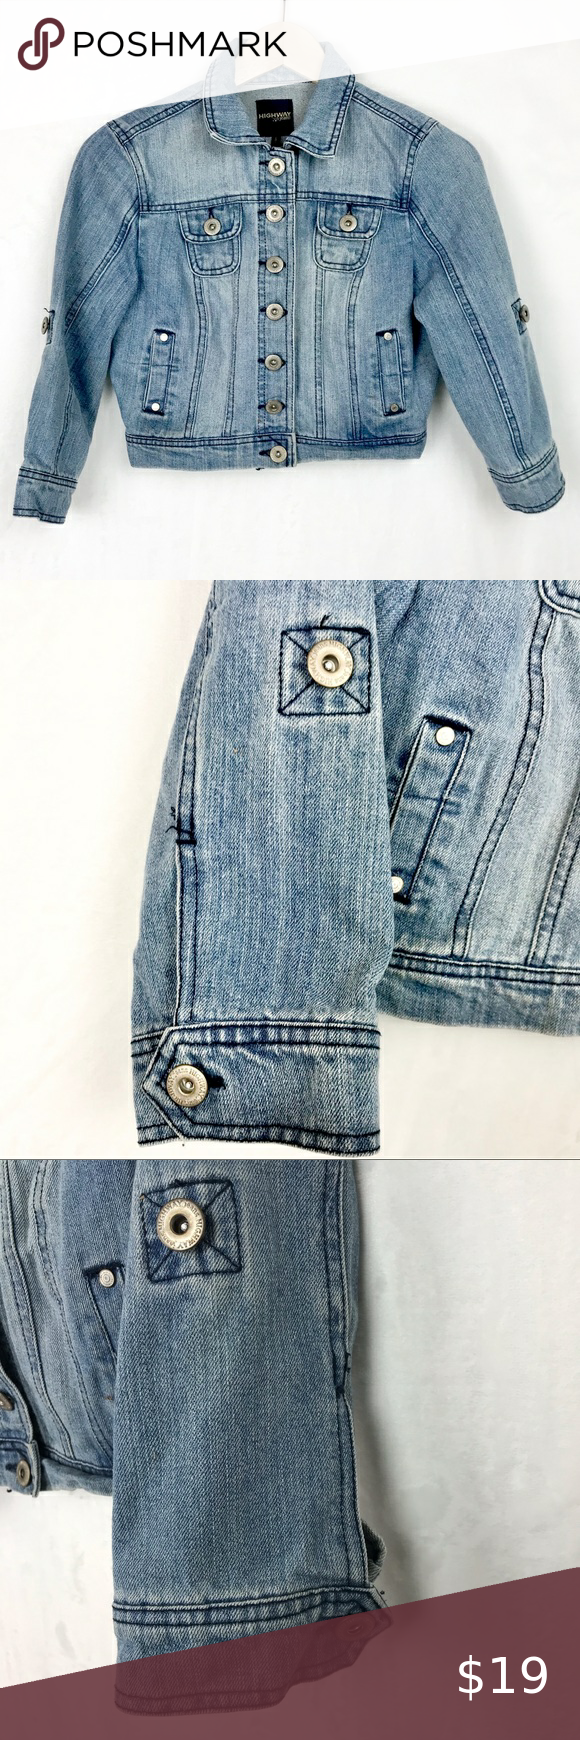 Women\u2019s highway jeans size 3